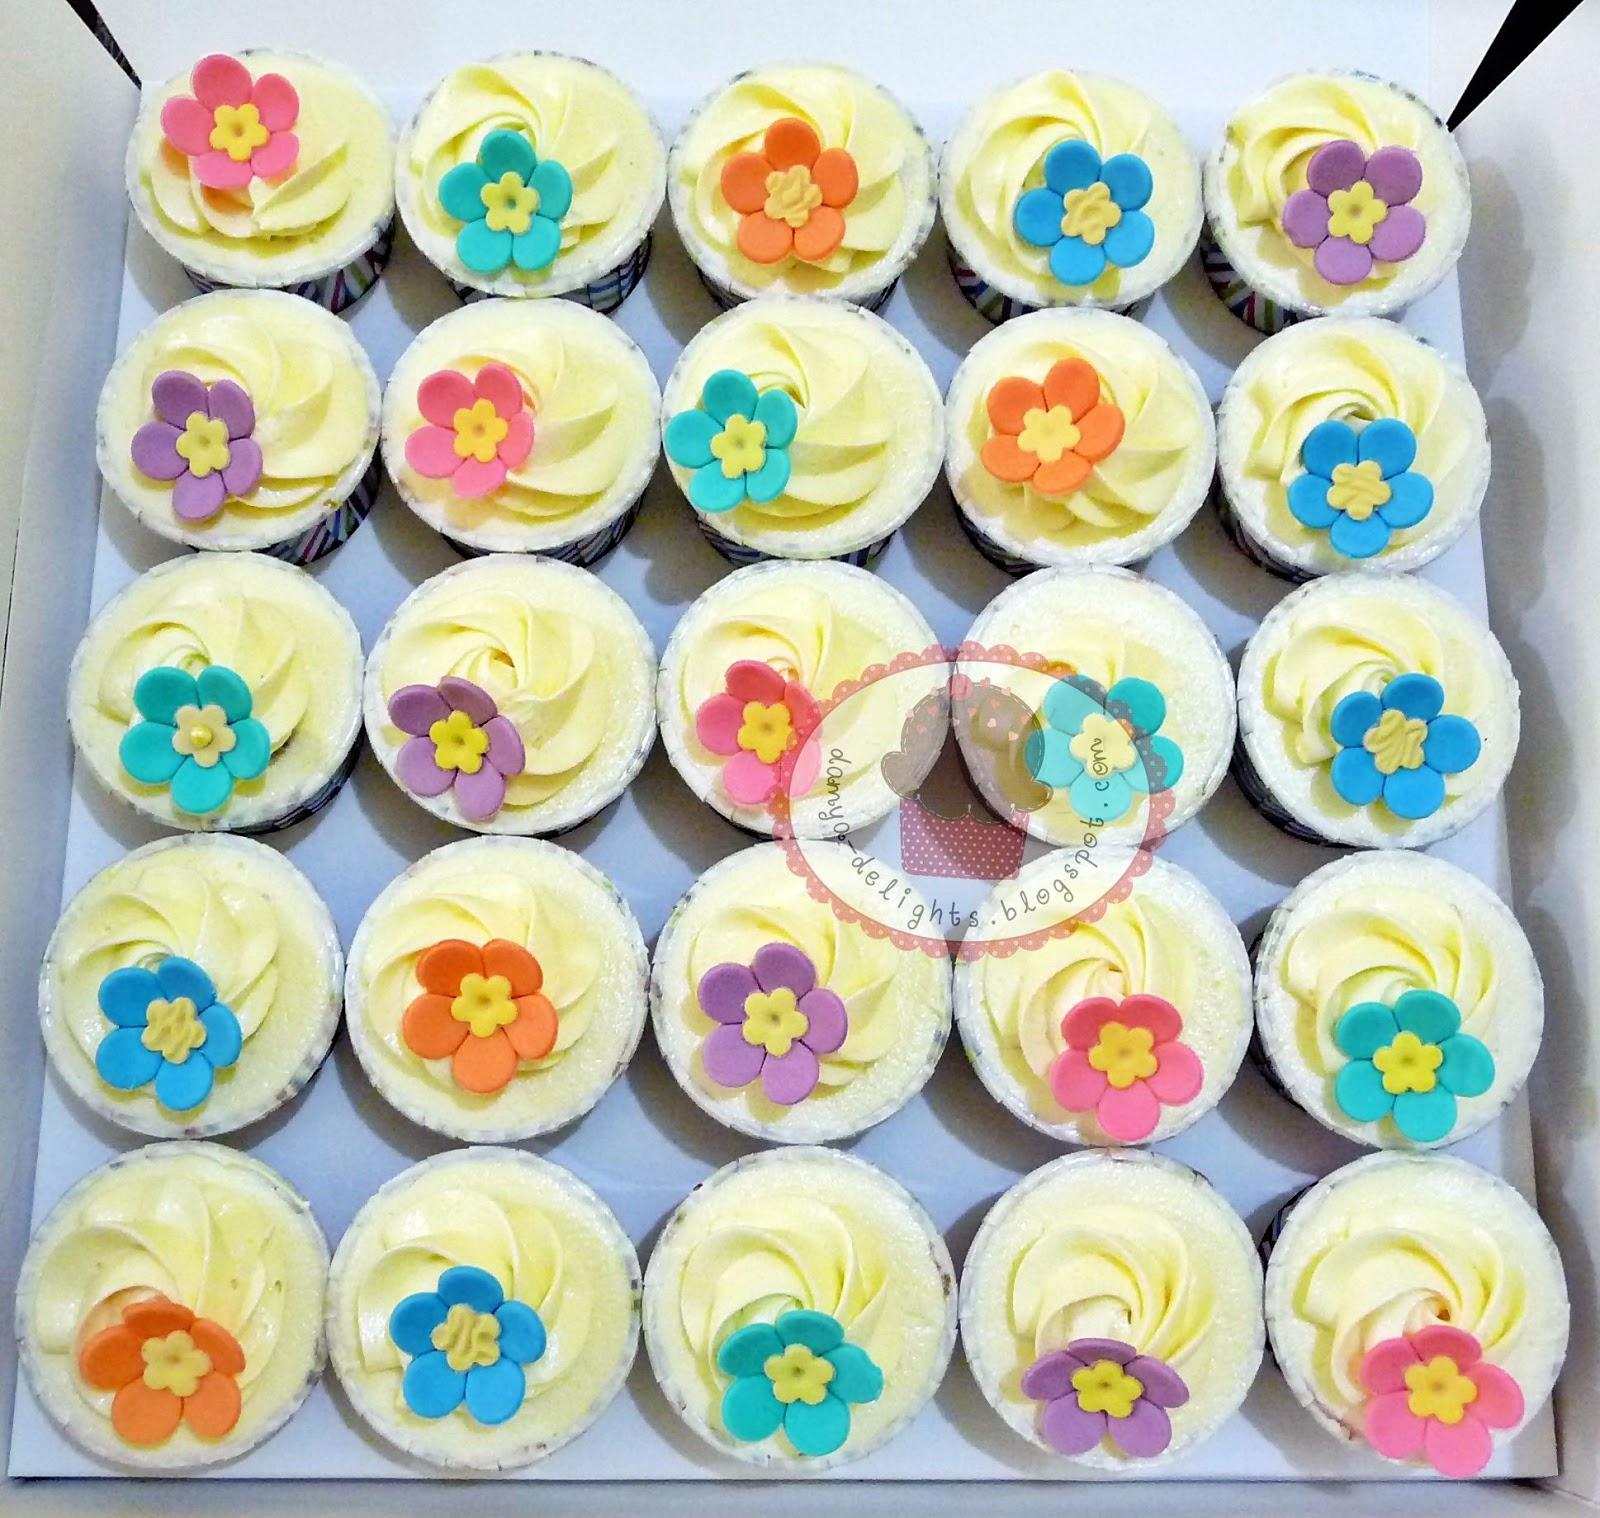 Cupcakes - Creamcheese Swirls